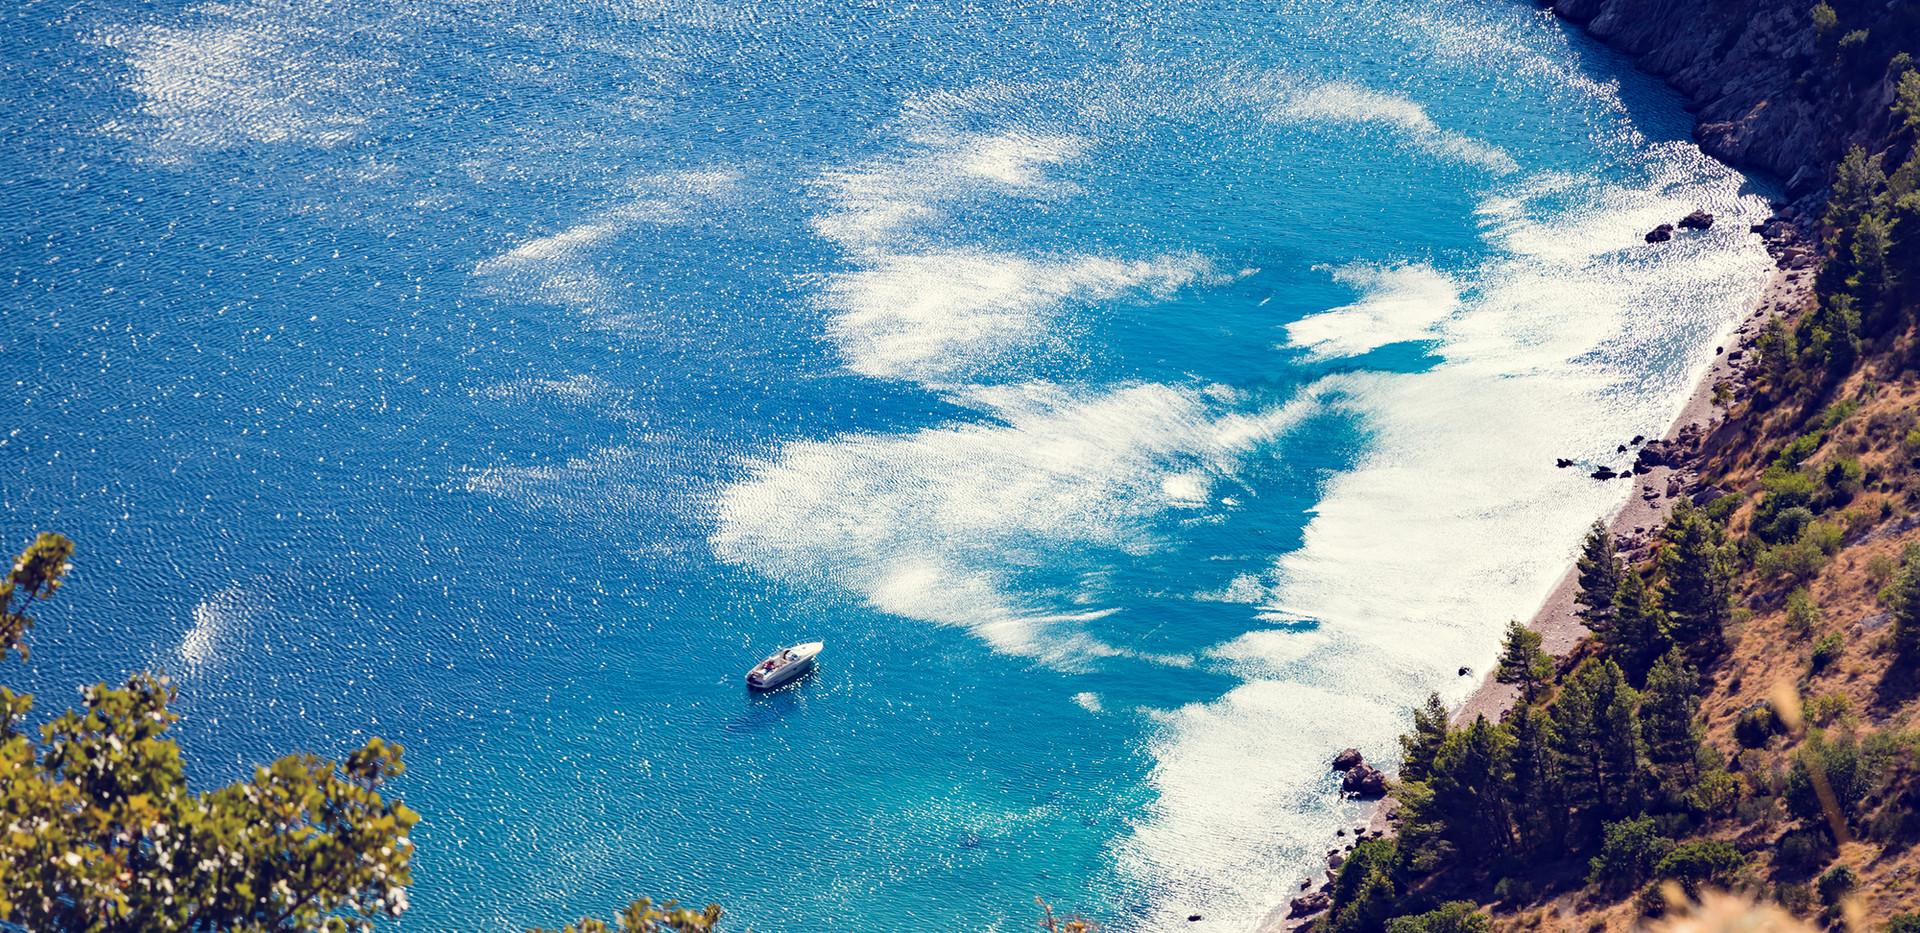 Les côtes de l'Adriatique